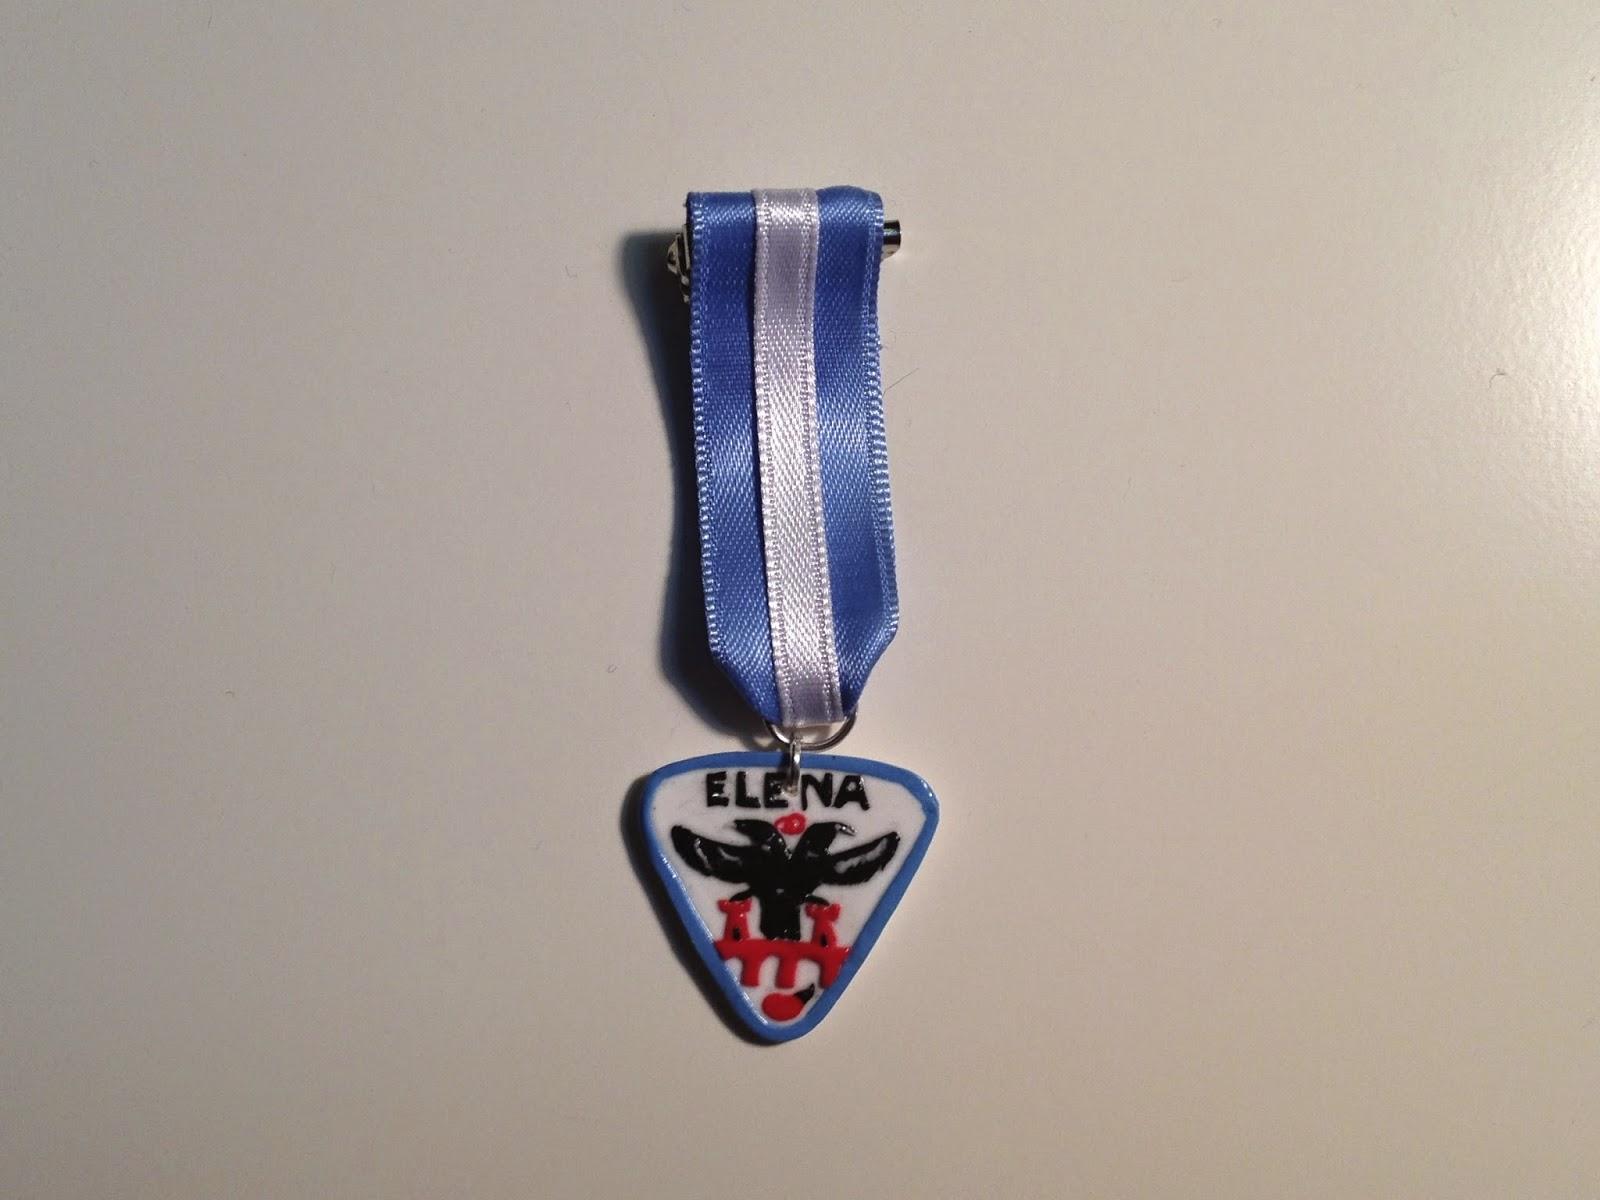 Chapa con logo de la Cuadrilla Los Veteranos